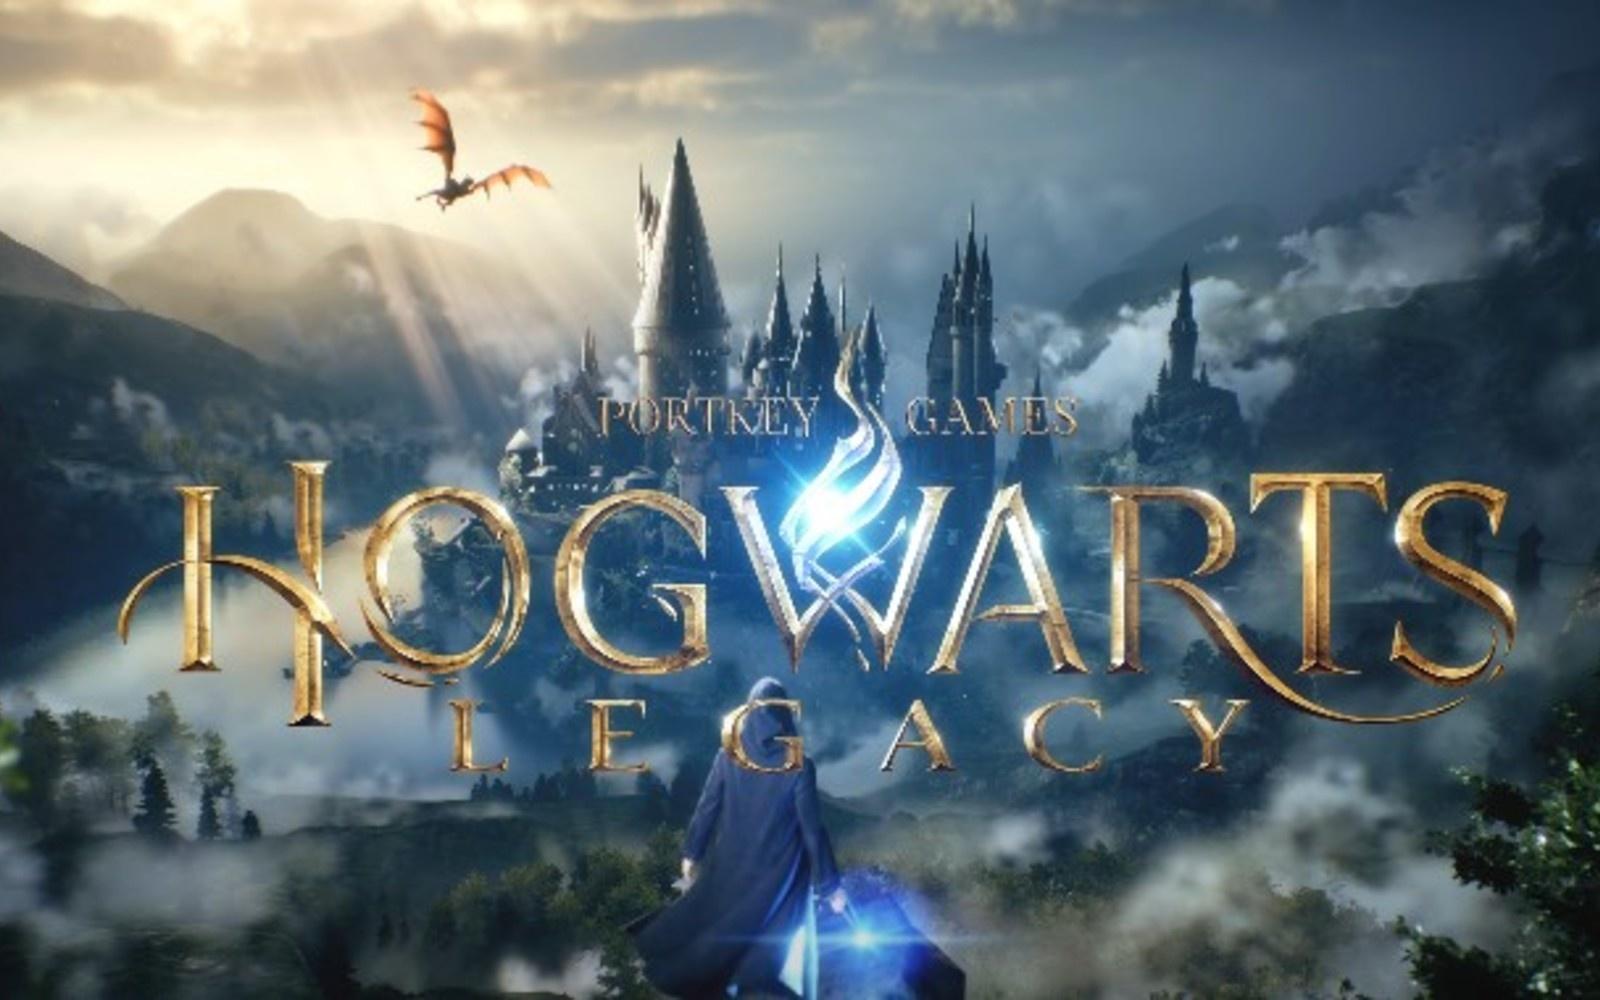 Hogwarts Legacy uscirà nel 2021 e vi trasformerà in curiosi studenti di magia thumbnail